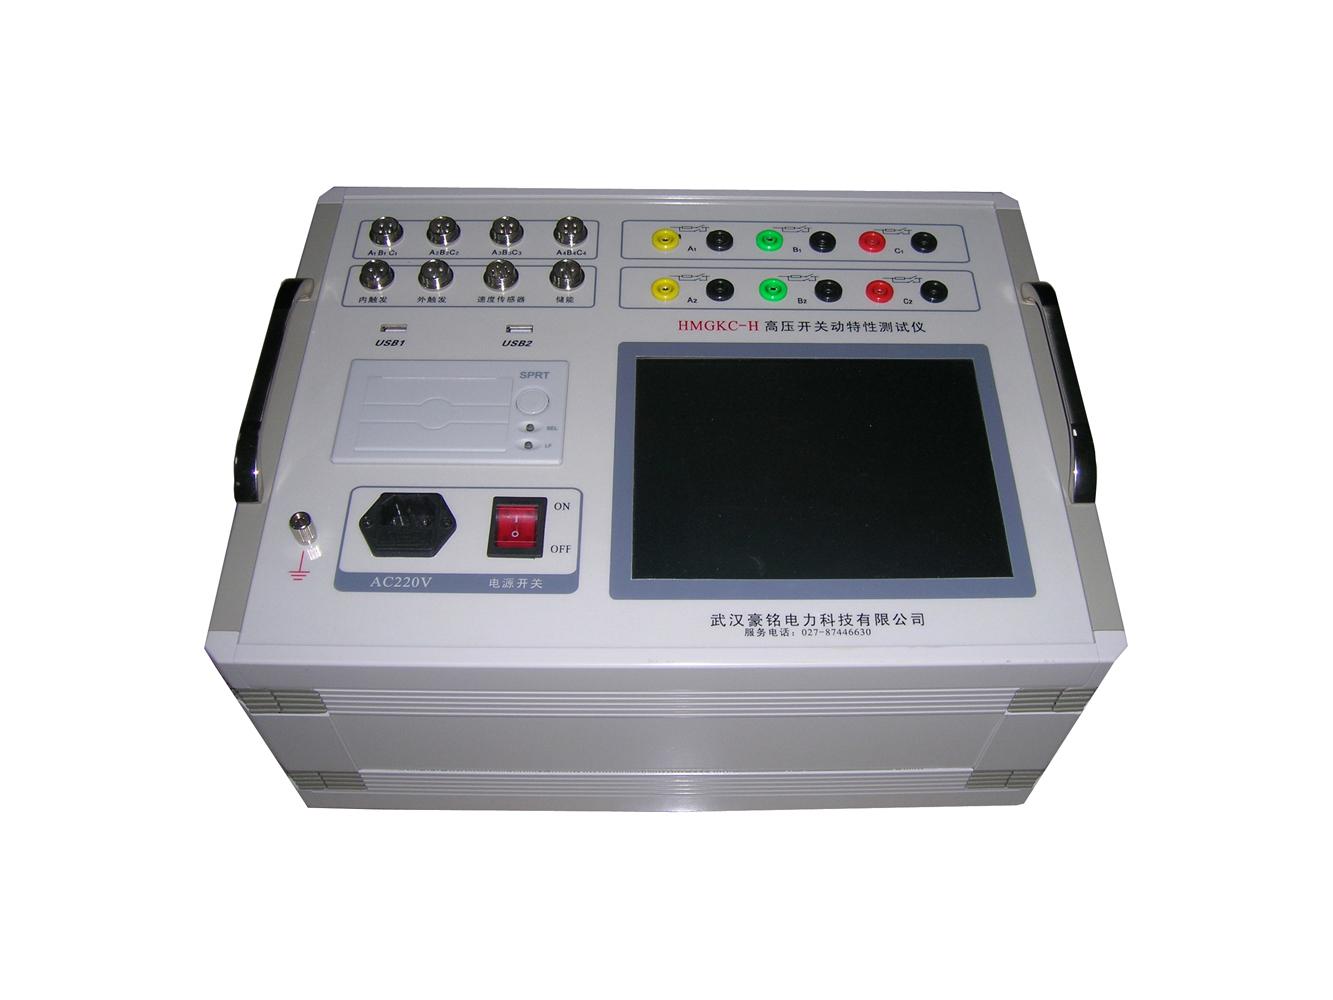 HMGKC-H 高壓開關動特性測試儀